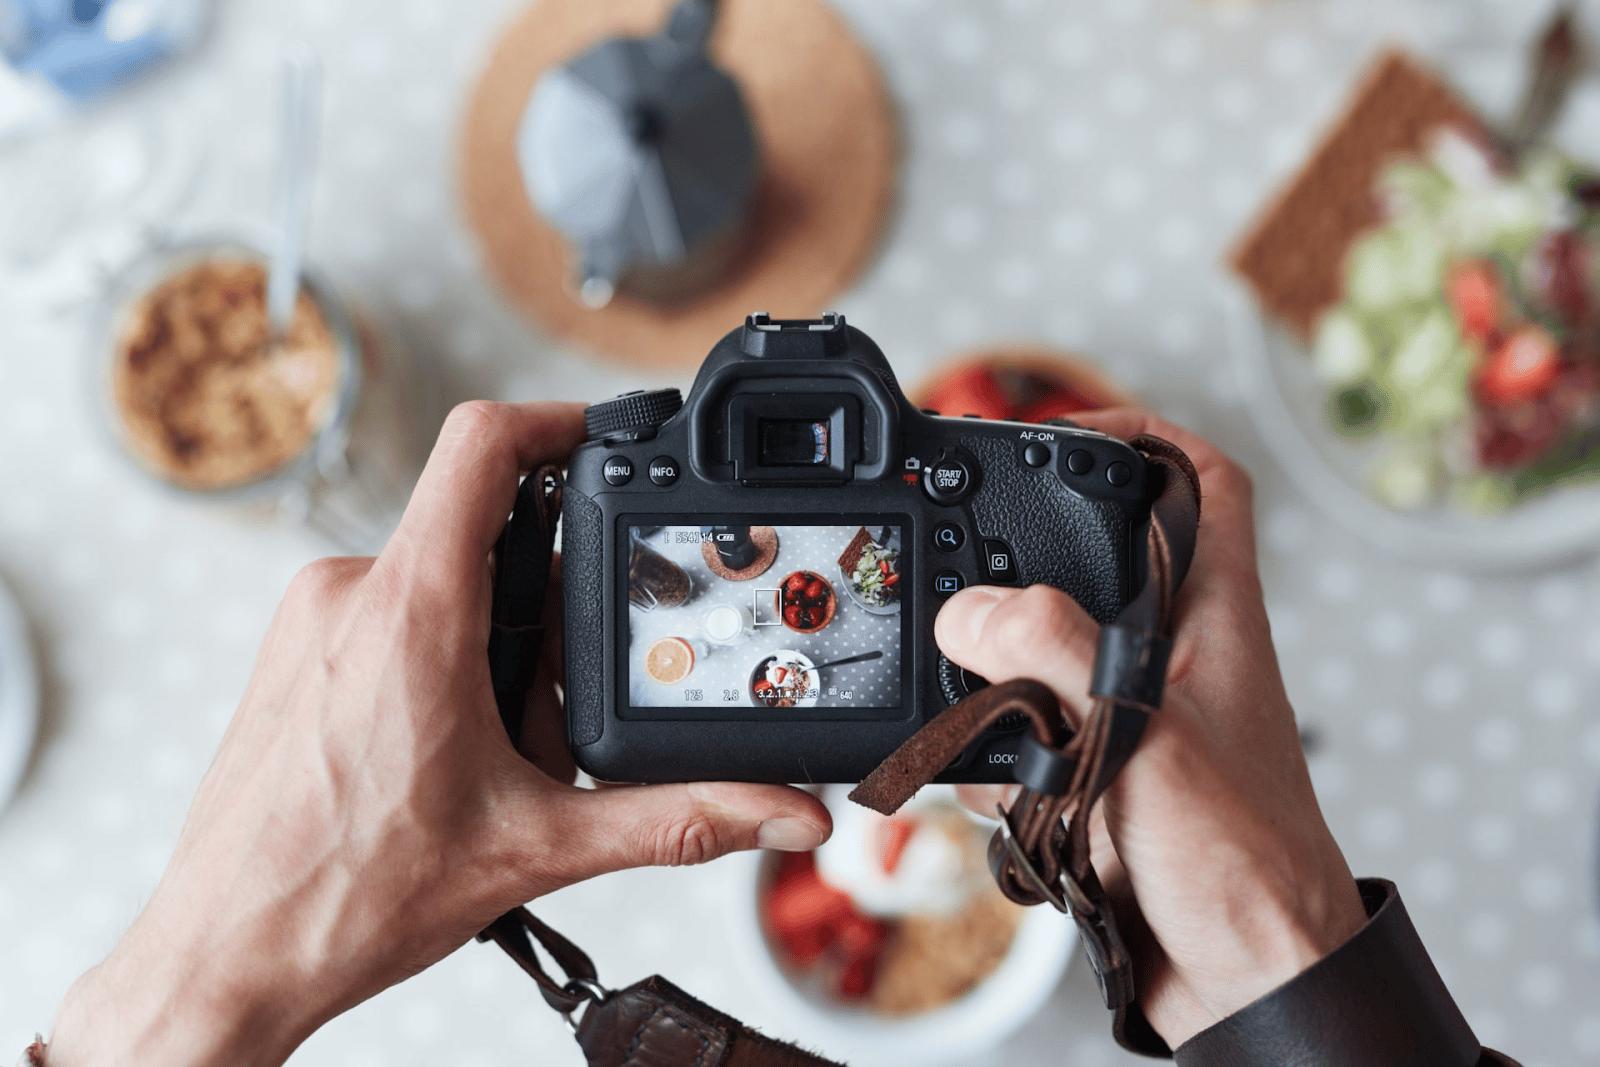 Snapseed là một phần mềm chụp ảnh đẹp được ca tụng là photoshop phiên bản thu nhỏ bản điện thoại. Snapseed chụp ảnh hoàn toàn khác biệt với ulike. Không có các chức năng như làm đẹp như mắt, môi, mũ (ứng dụng trang điểm) mà trên hết snapseed có thể giúp bạn chuyển đổi màu ảnh để đạt cho được bức ảnh với độ màu đẹp nhất và tự nhiên nhấ